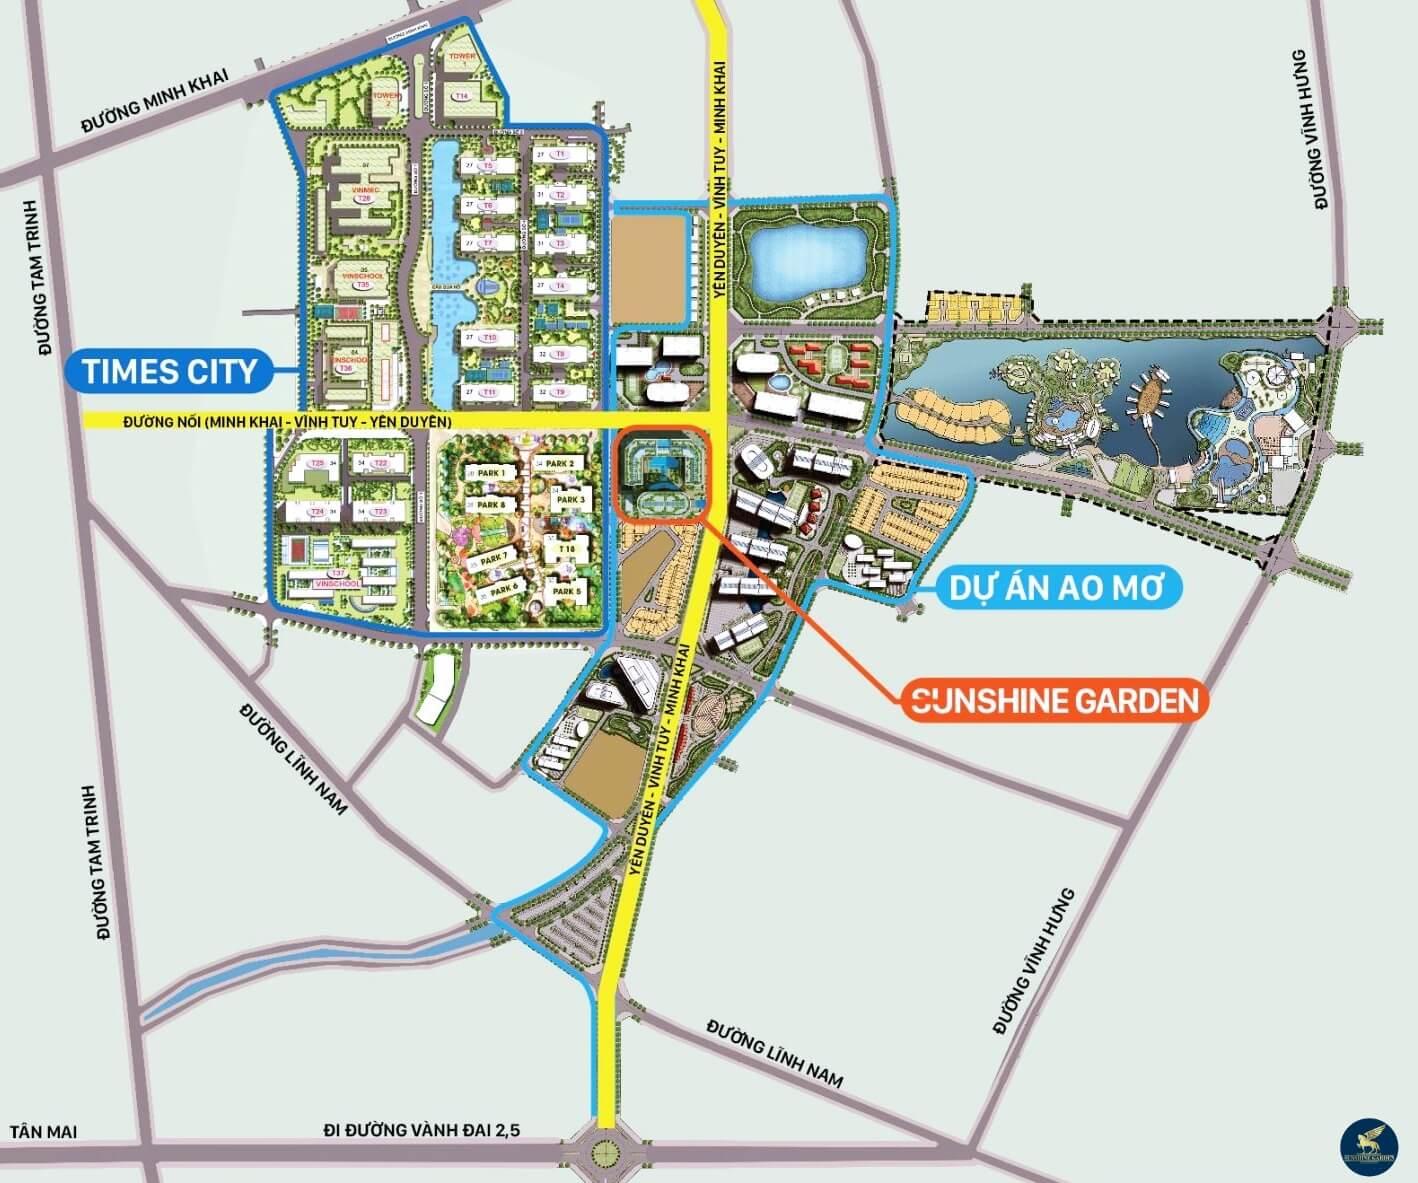 Quy hoạch tuyến đường Minh khai - Vĩnh Tuy - Yên Duyên